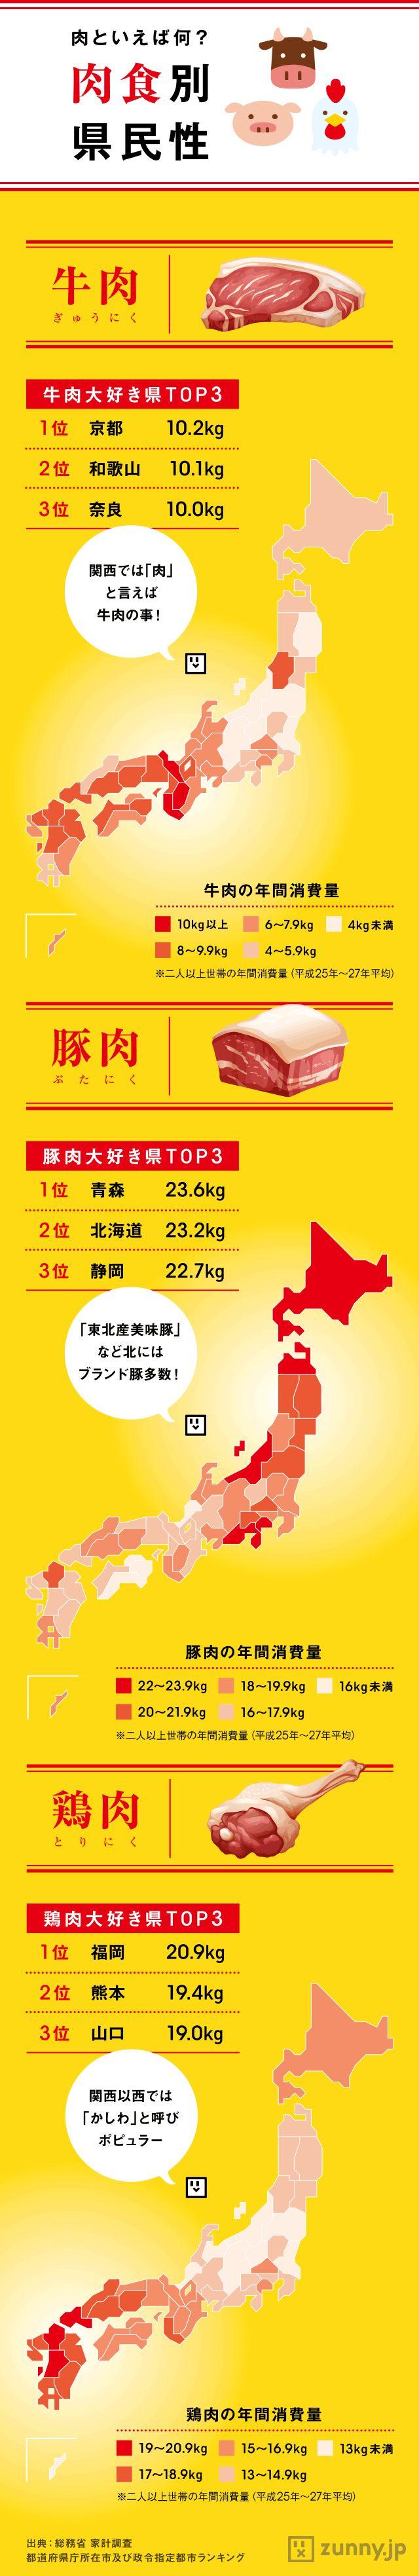 肉じゃがやカレーに入れる肉といえば、東日本では「豚肉」、西日本では「牛肉」と答える人が多い。日本の…